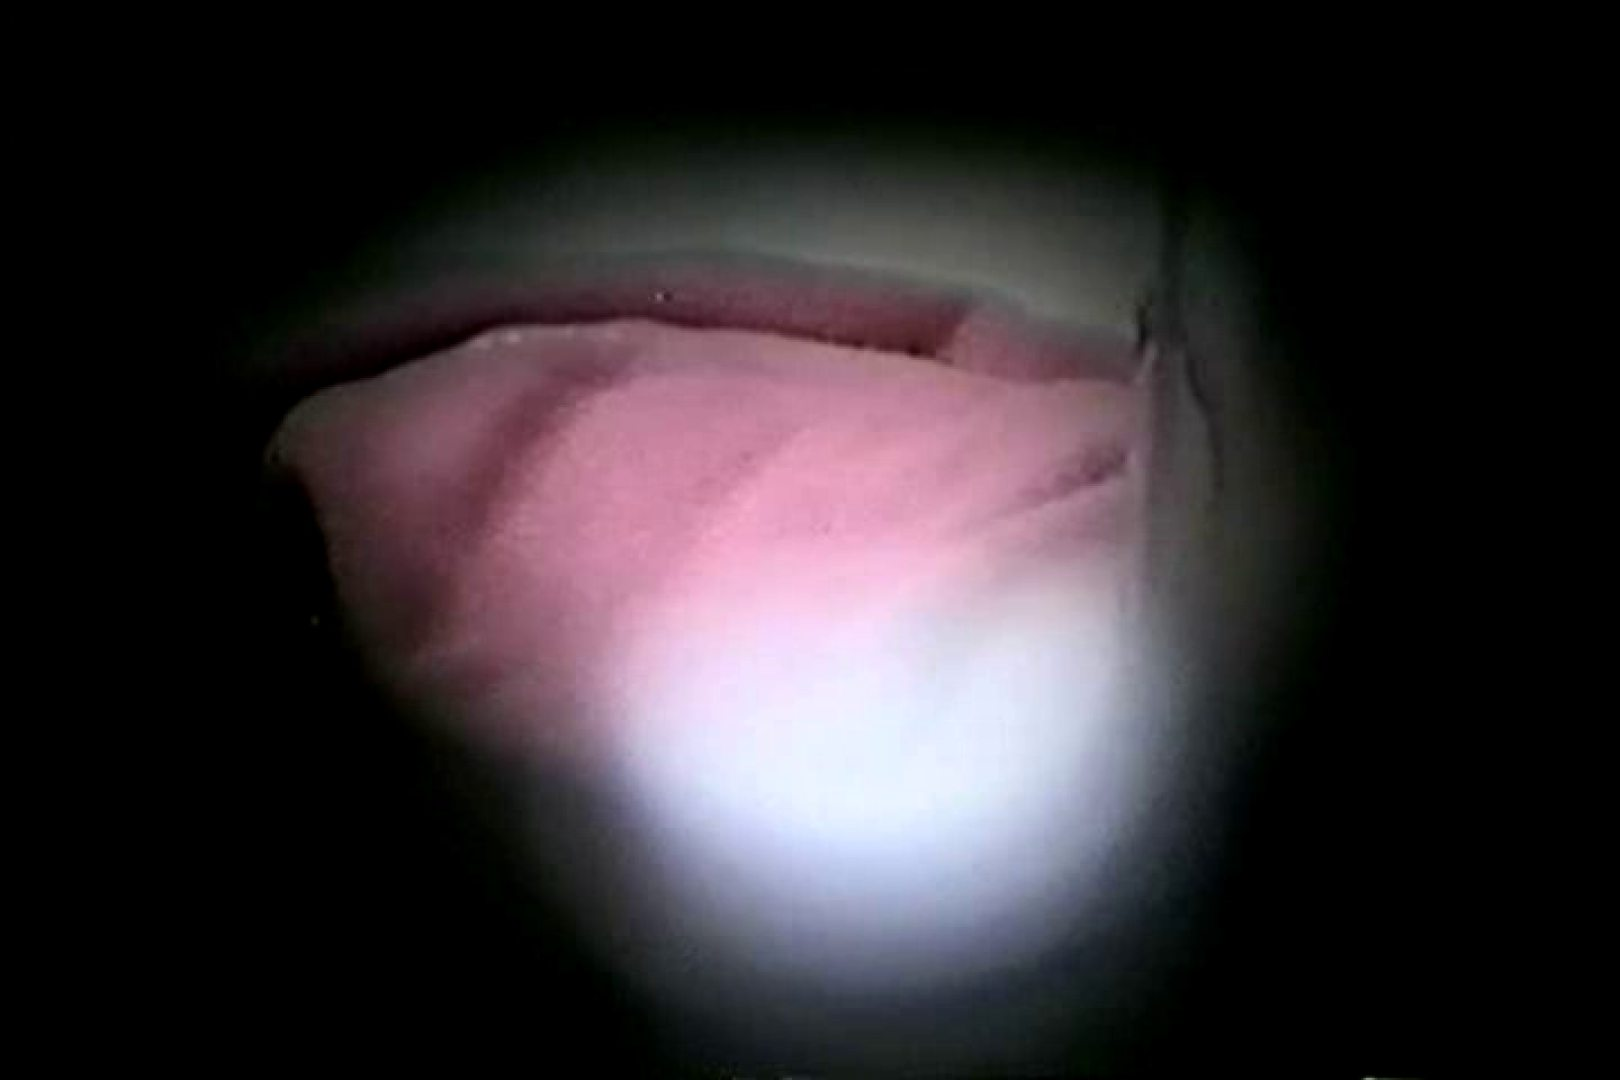 深夜の撮影会Vol.6 企画 隠し撮りオマンコ動画紹介 102連発 19